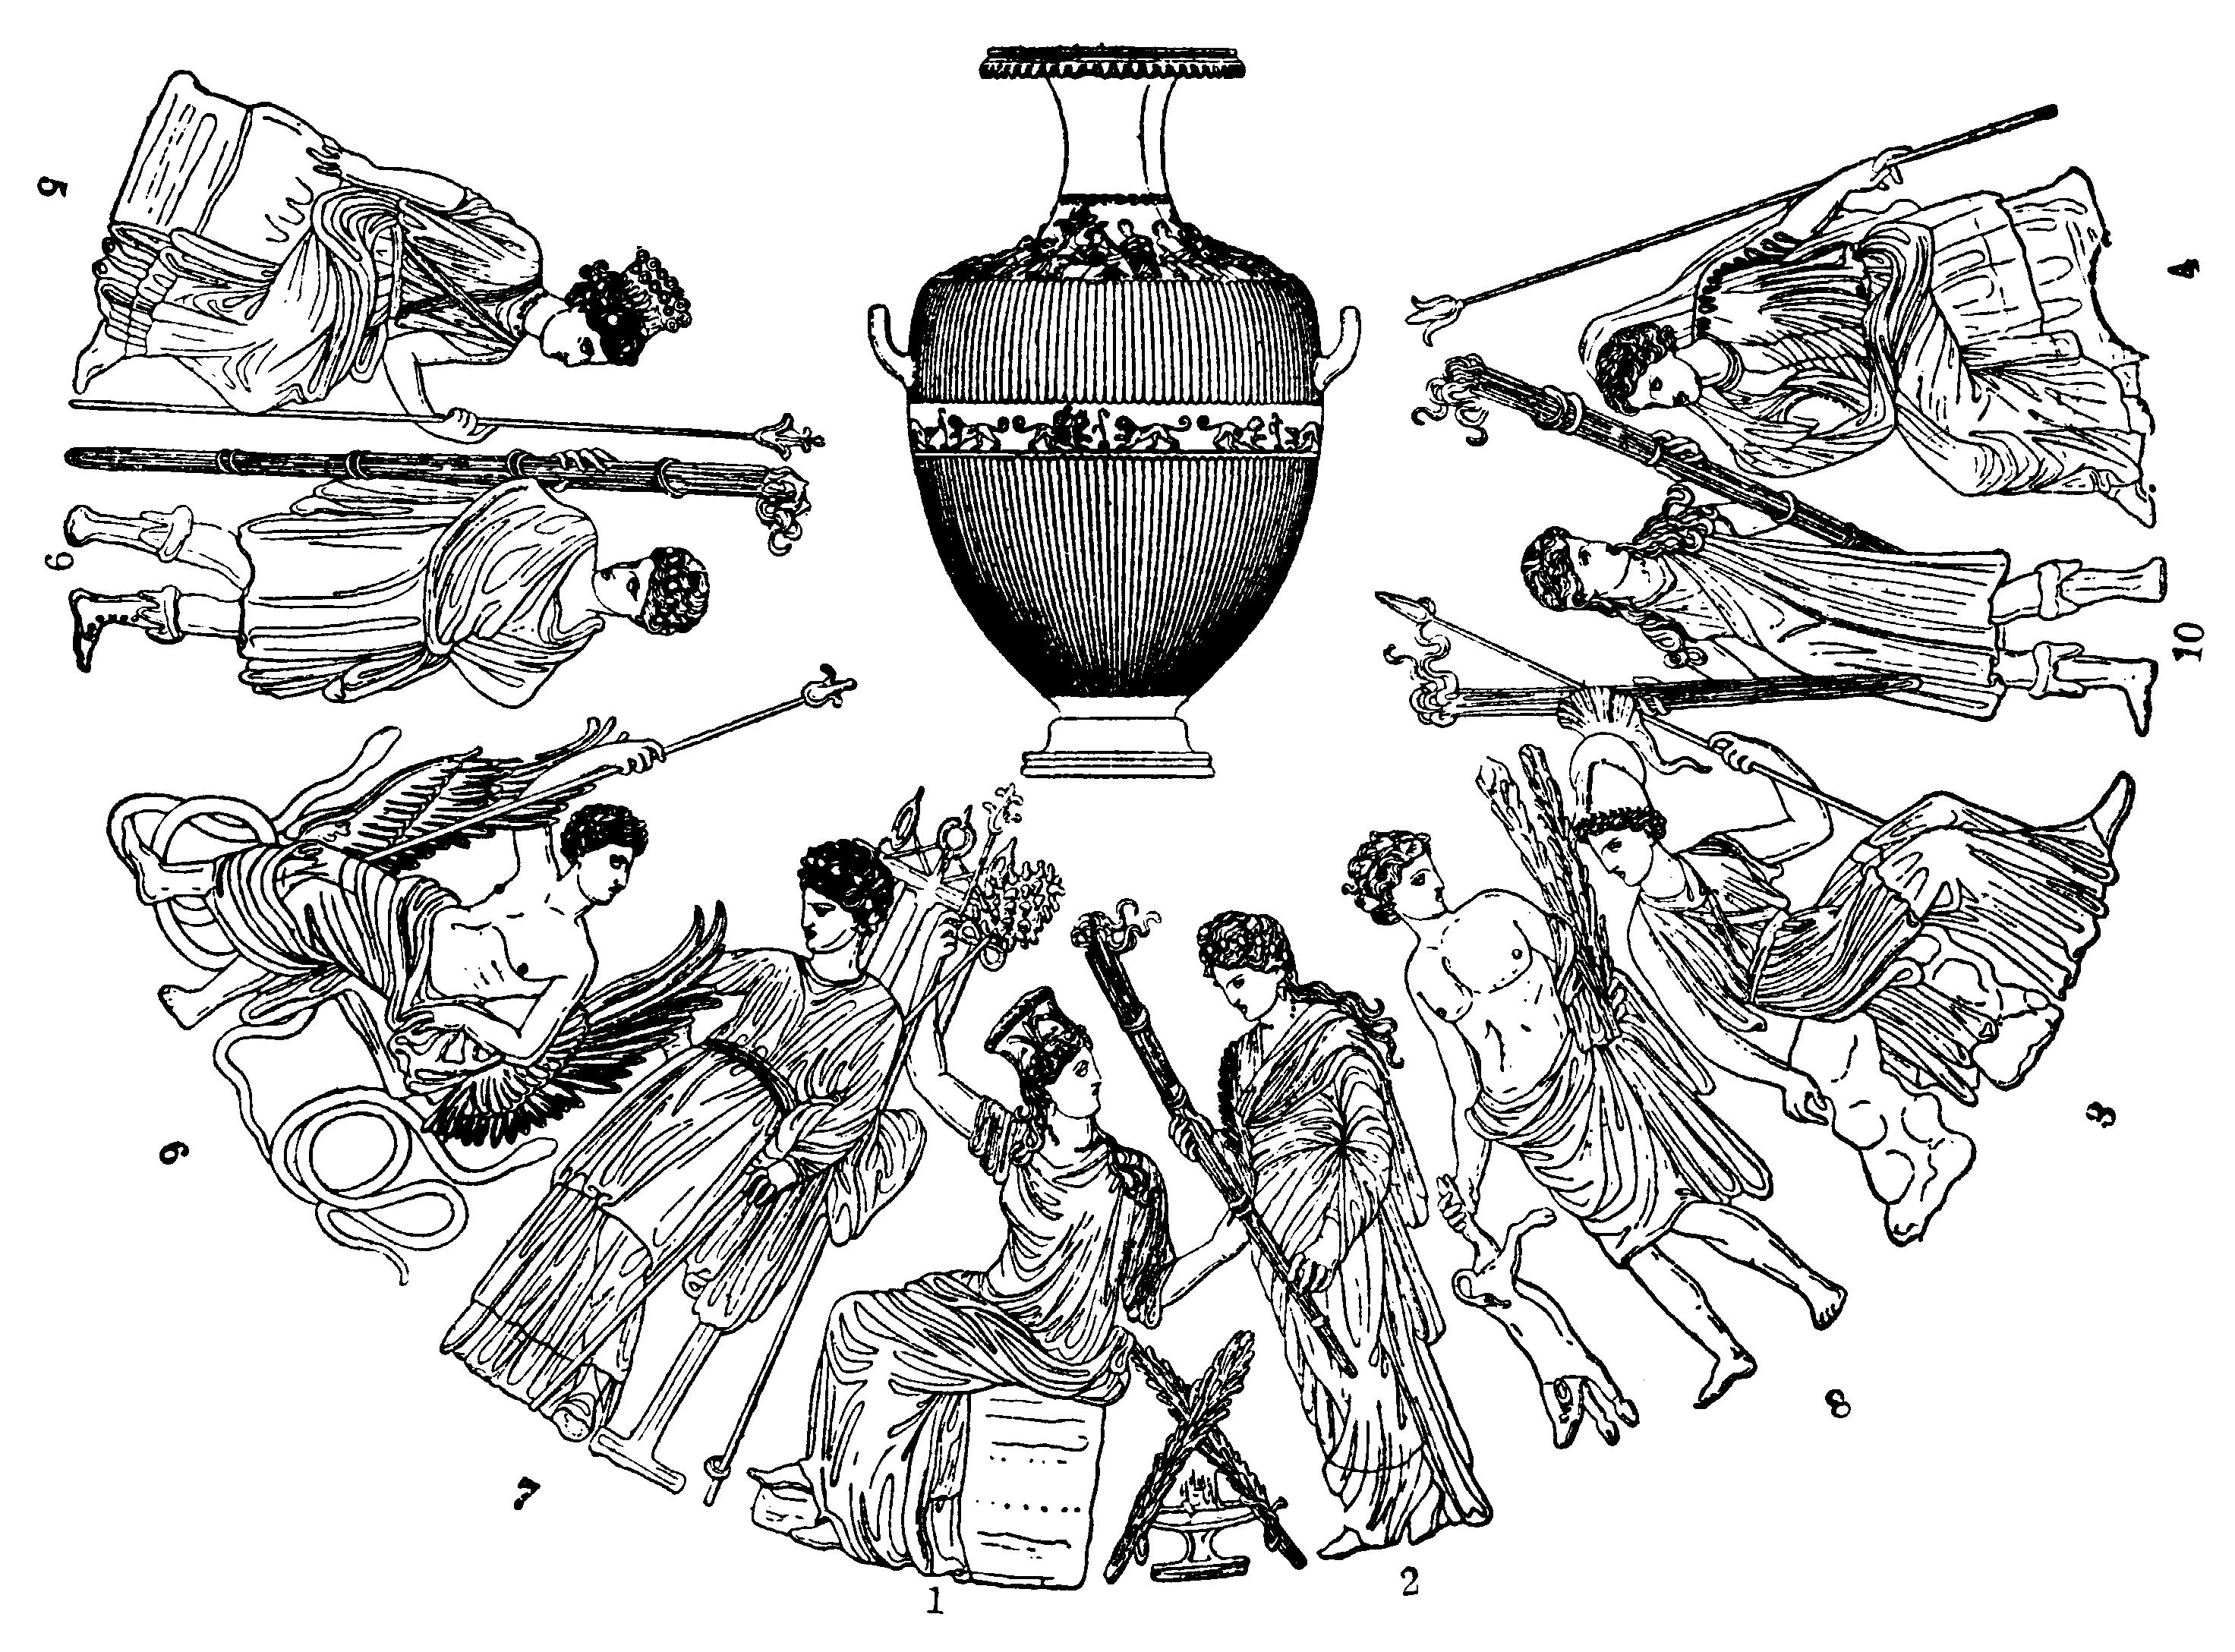 Griechische Mythologie – Wikipedia